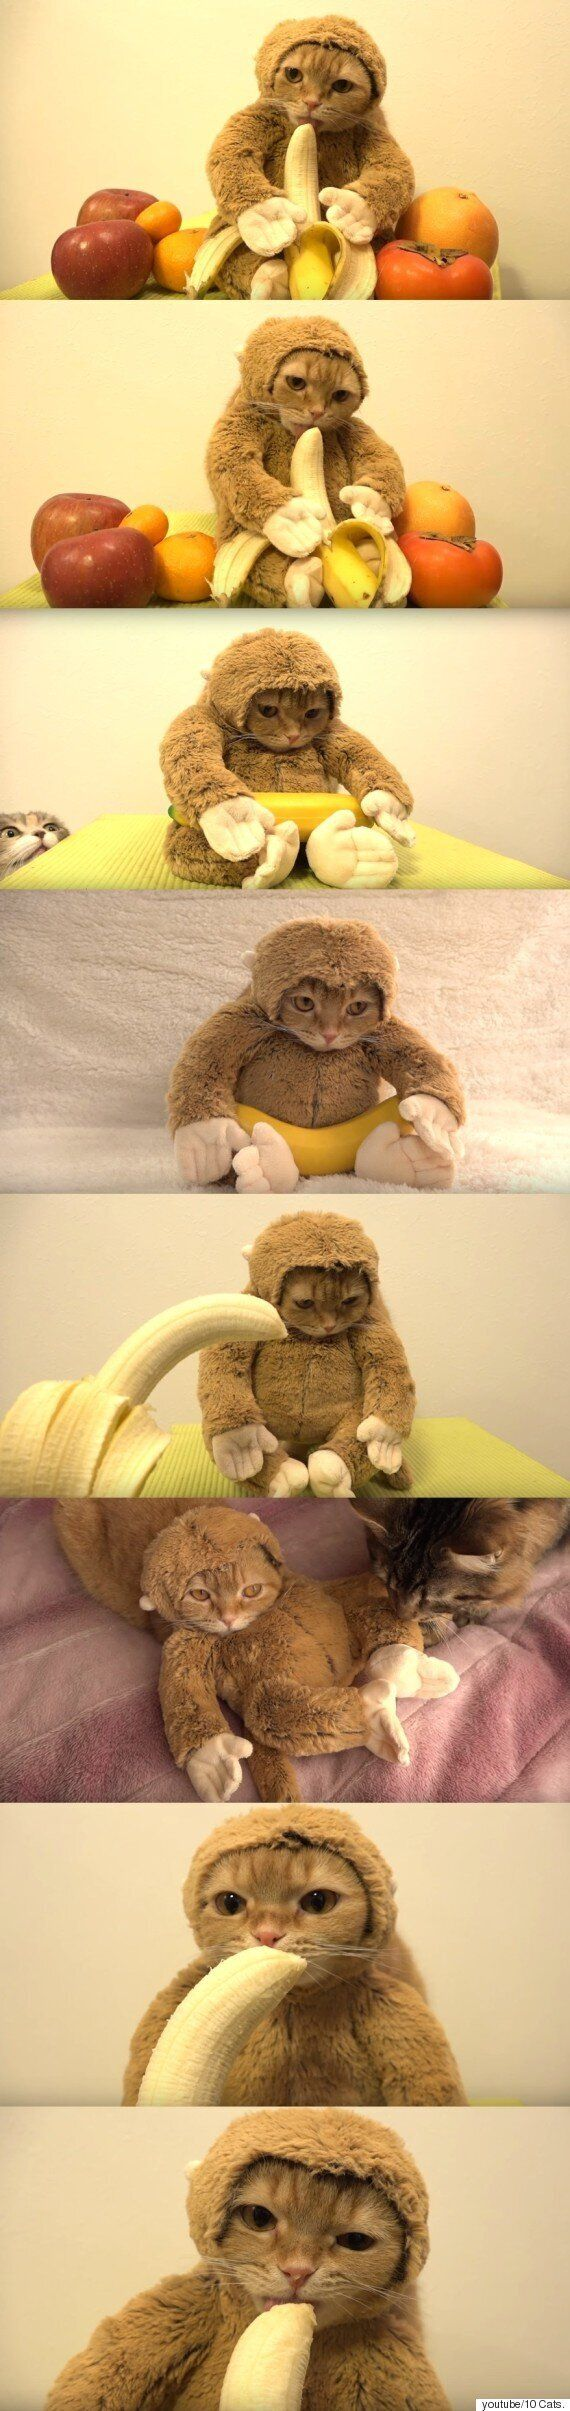 원숭이 인형을 쓰게 된 고양이의